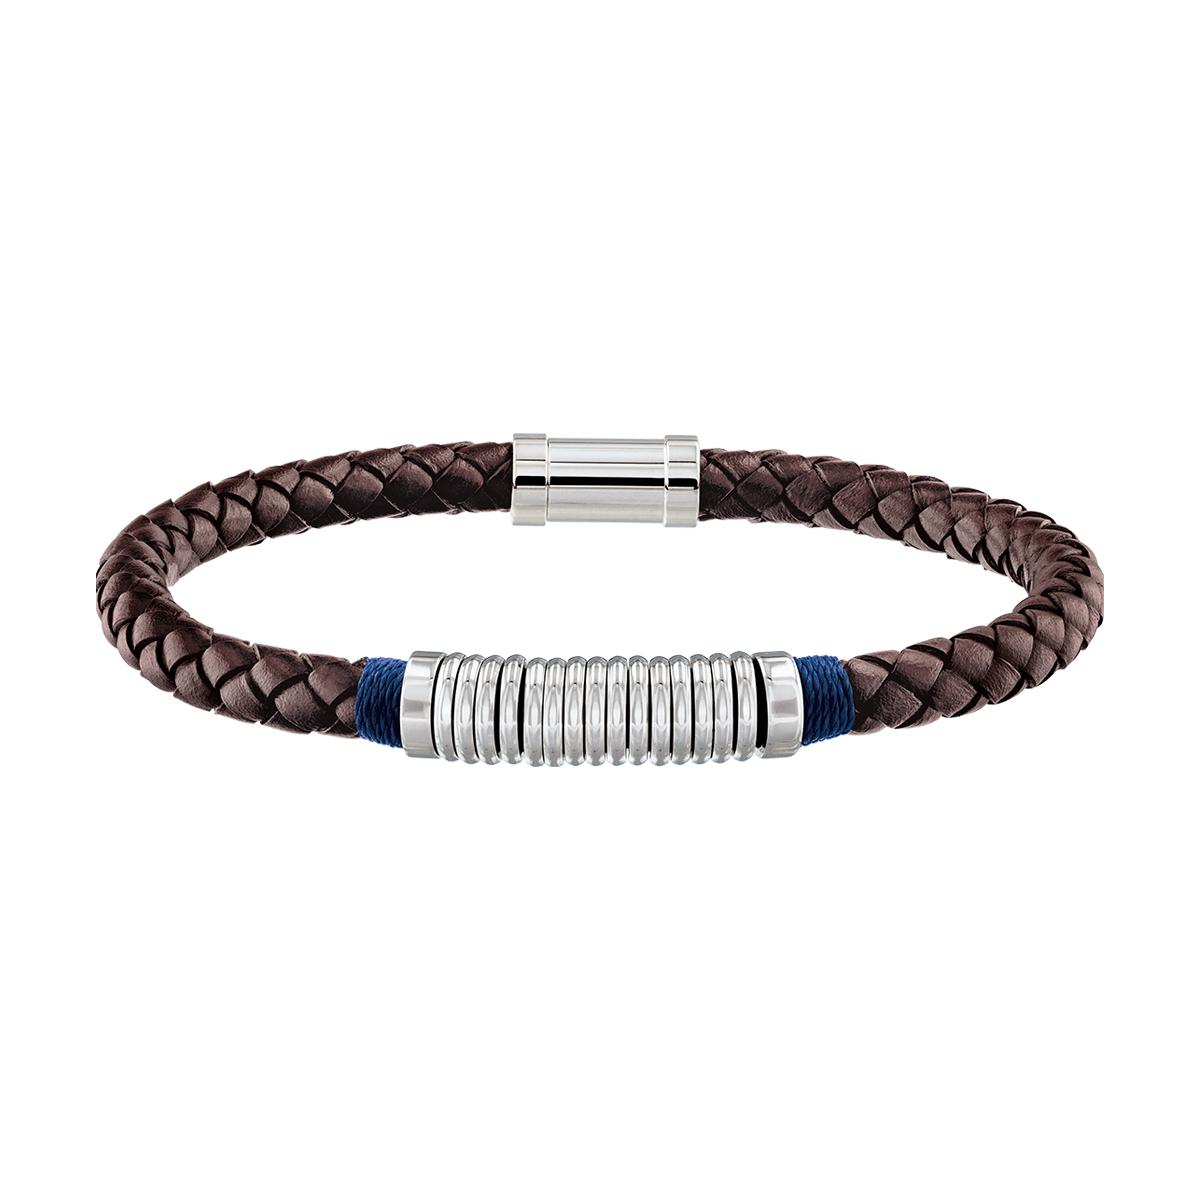 Promo : Bracelet Bijoux 2790154 - Tommy Hilfiger - Modalova